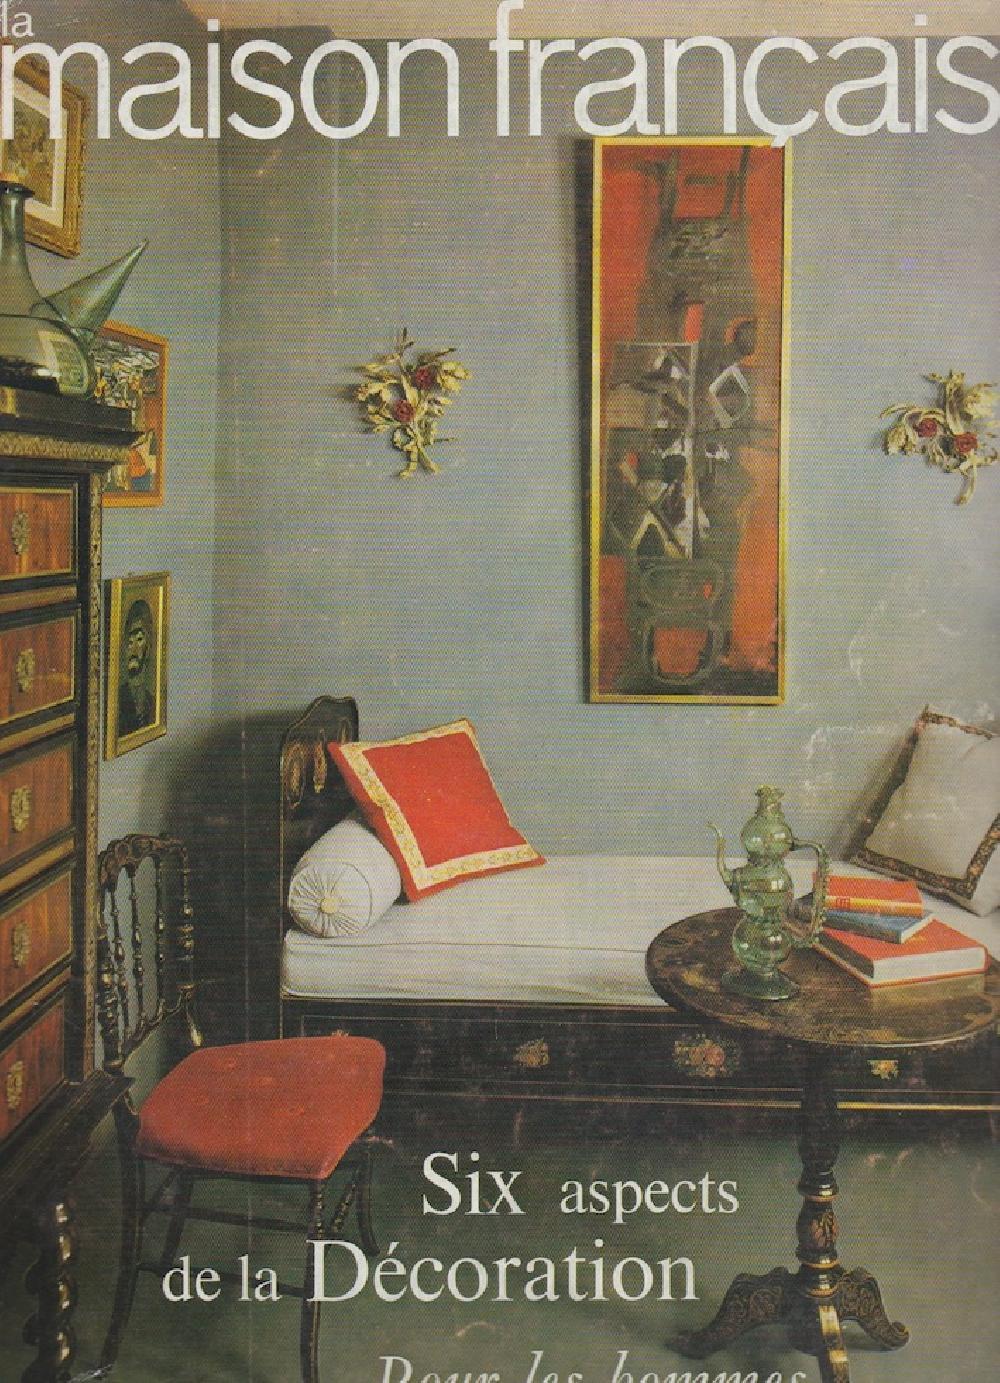 La maison française n°161